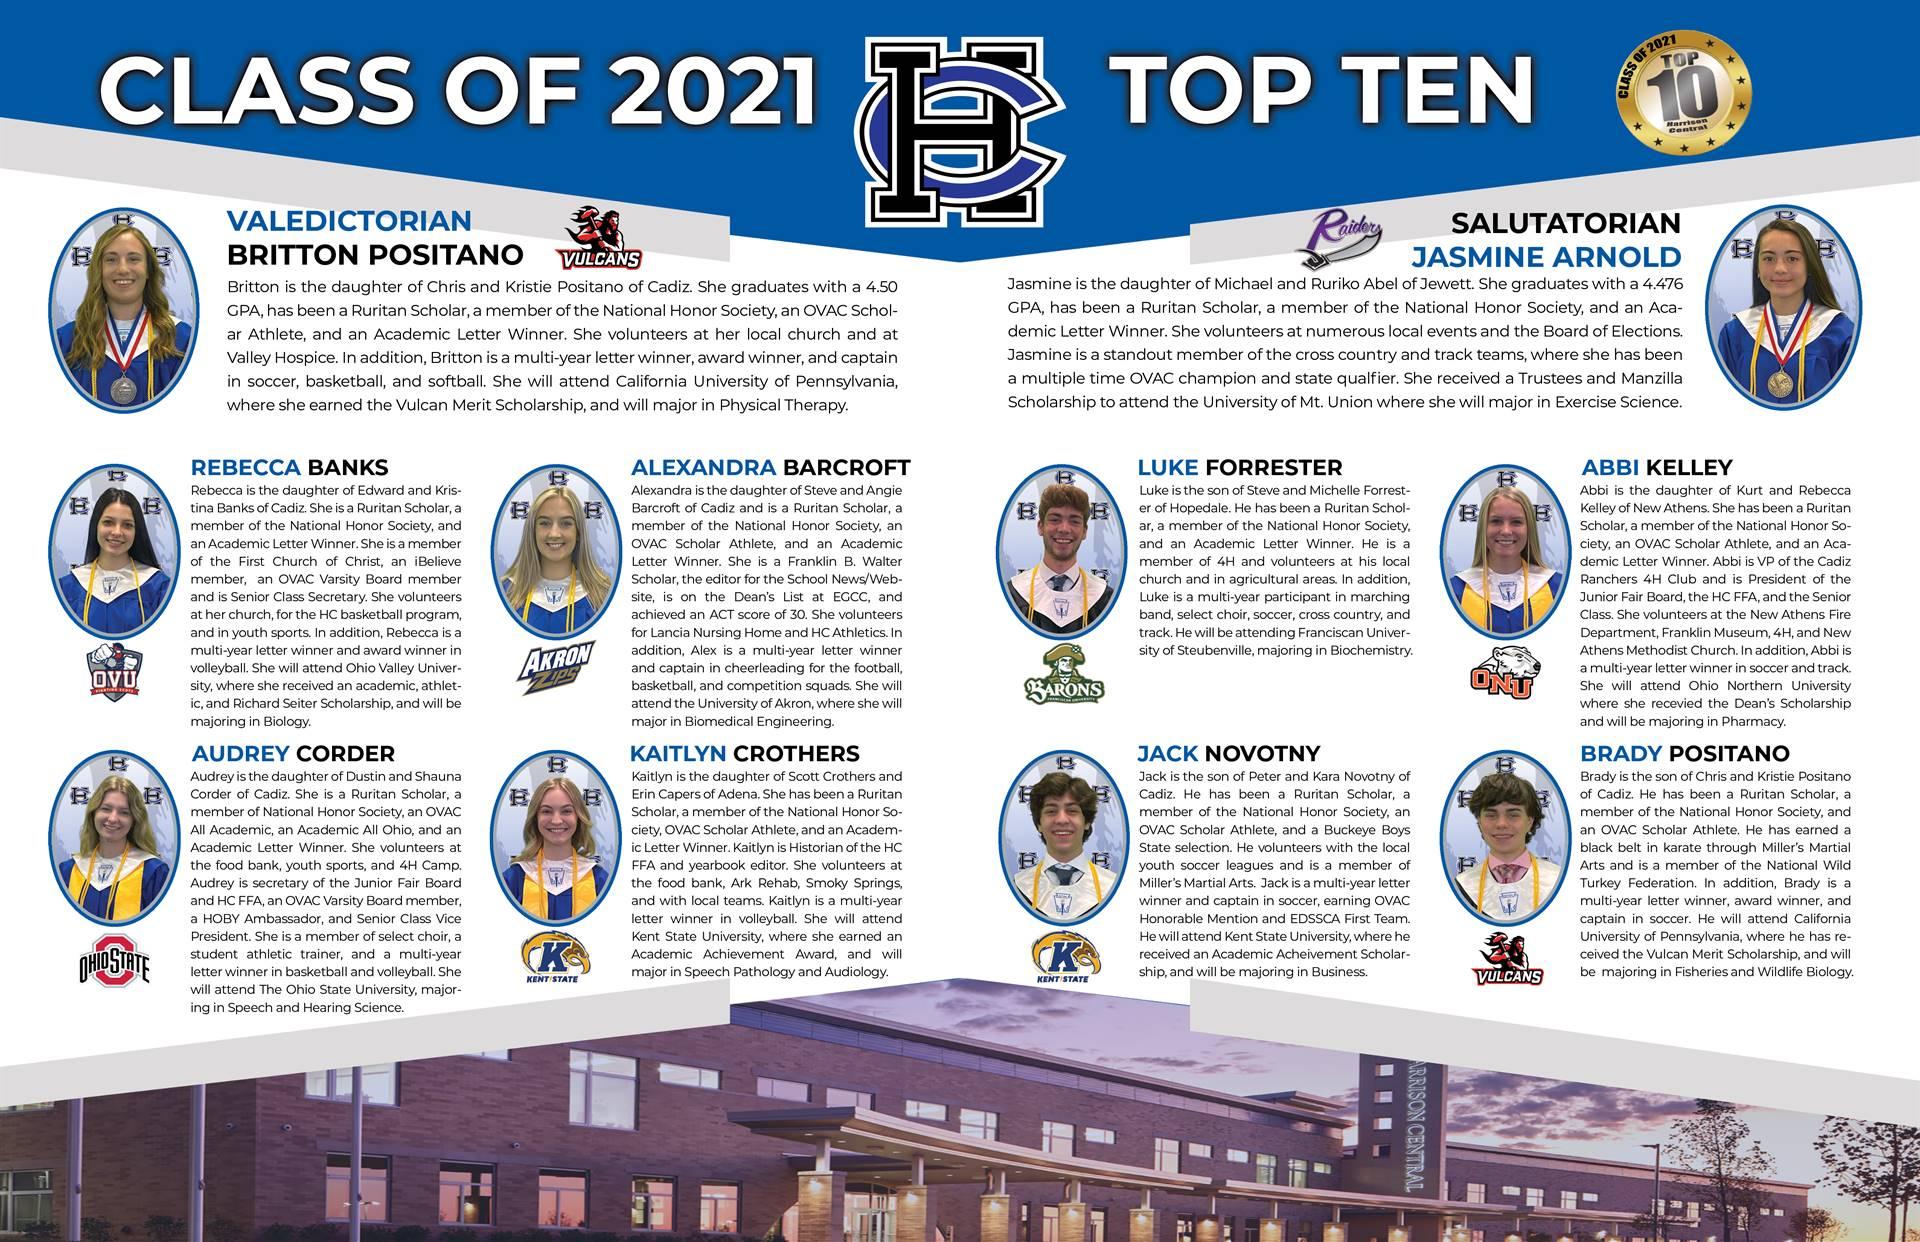 Class of 2021 Top Ten